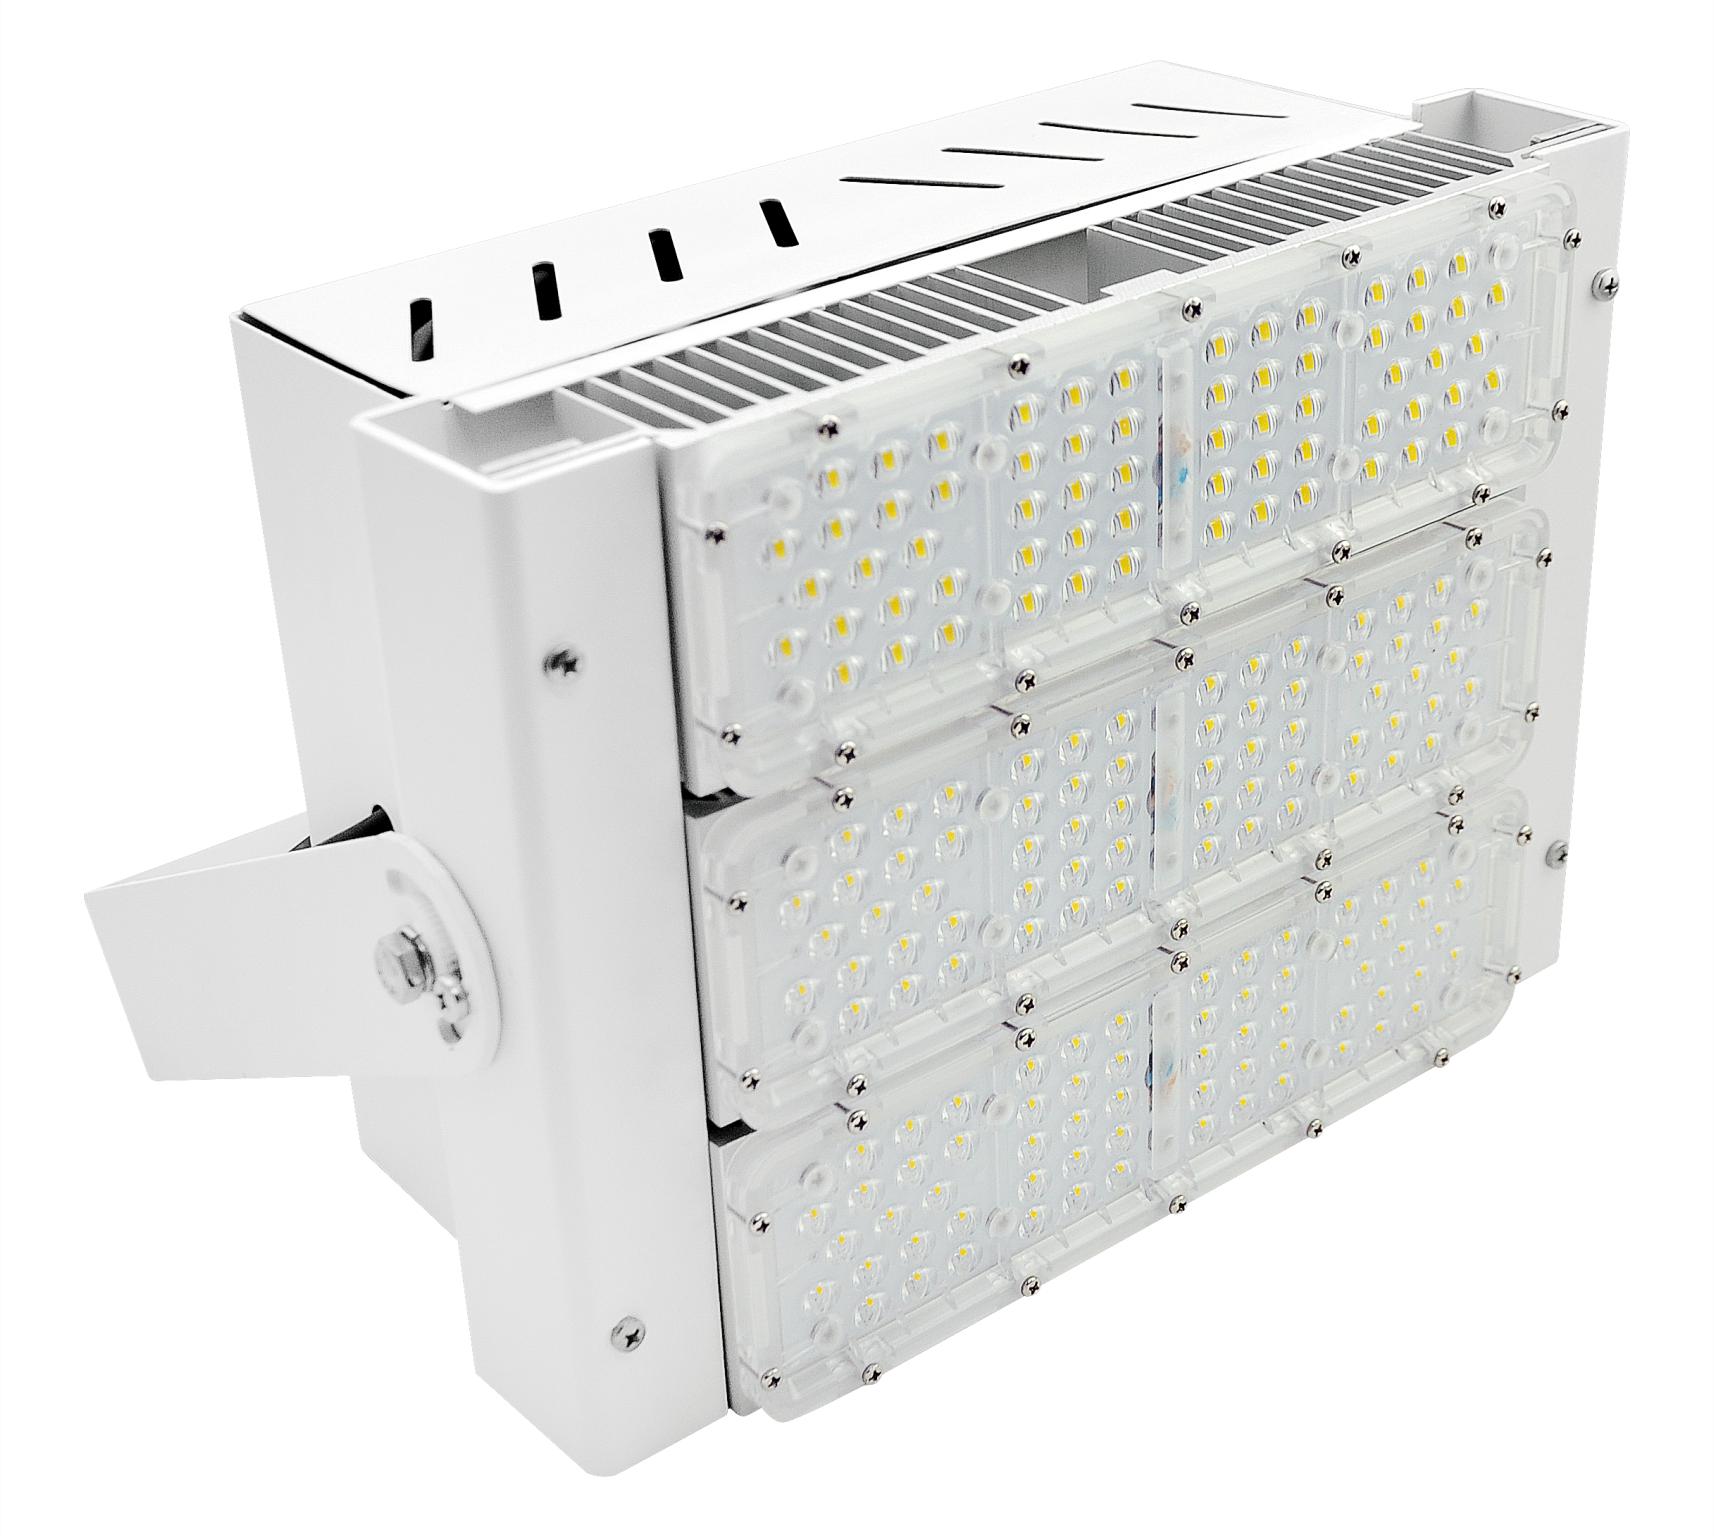 REFLETOR LED 150W MODULO DC COM DPS 3X50W 90° 5000K 150LM/W ALUMINIO AUTOVOLT BRANCA